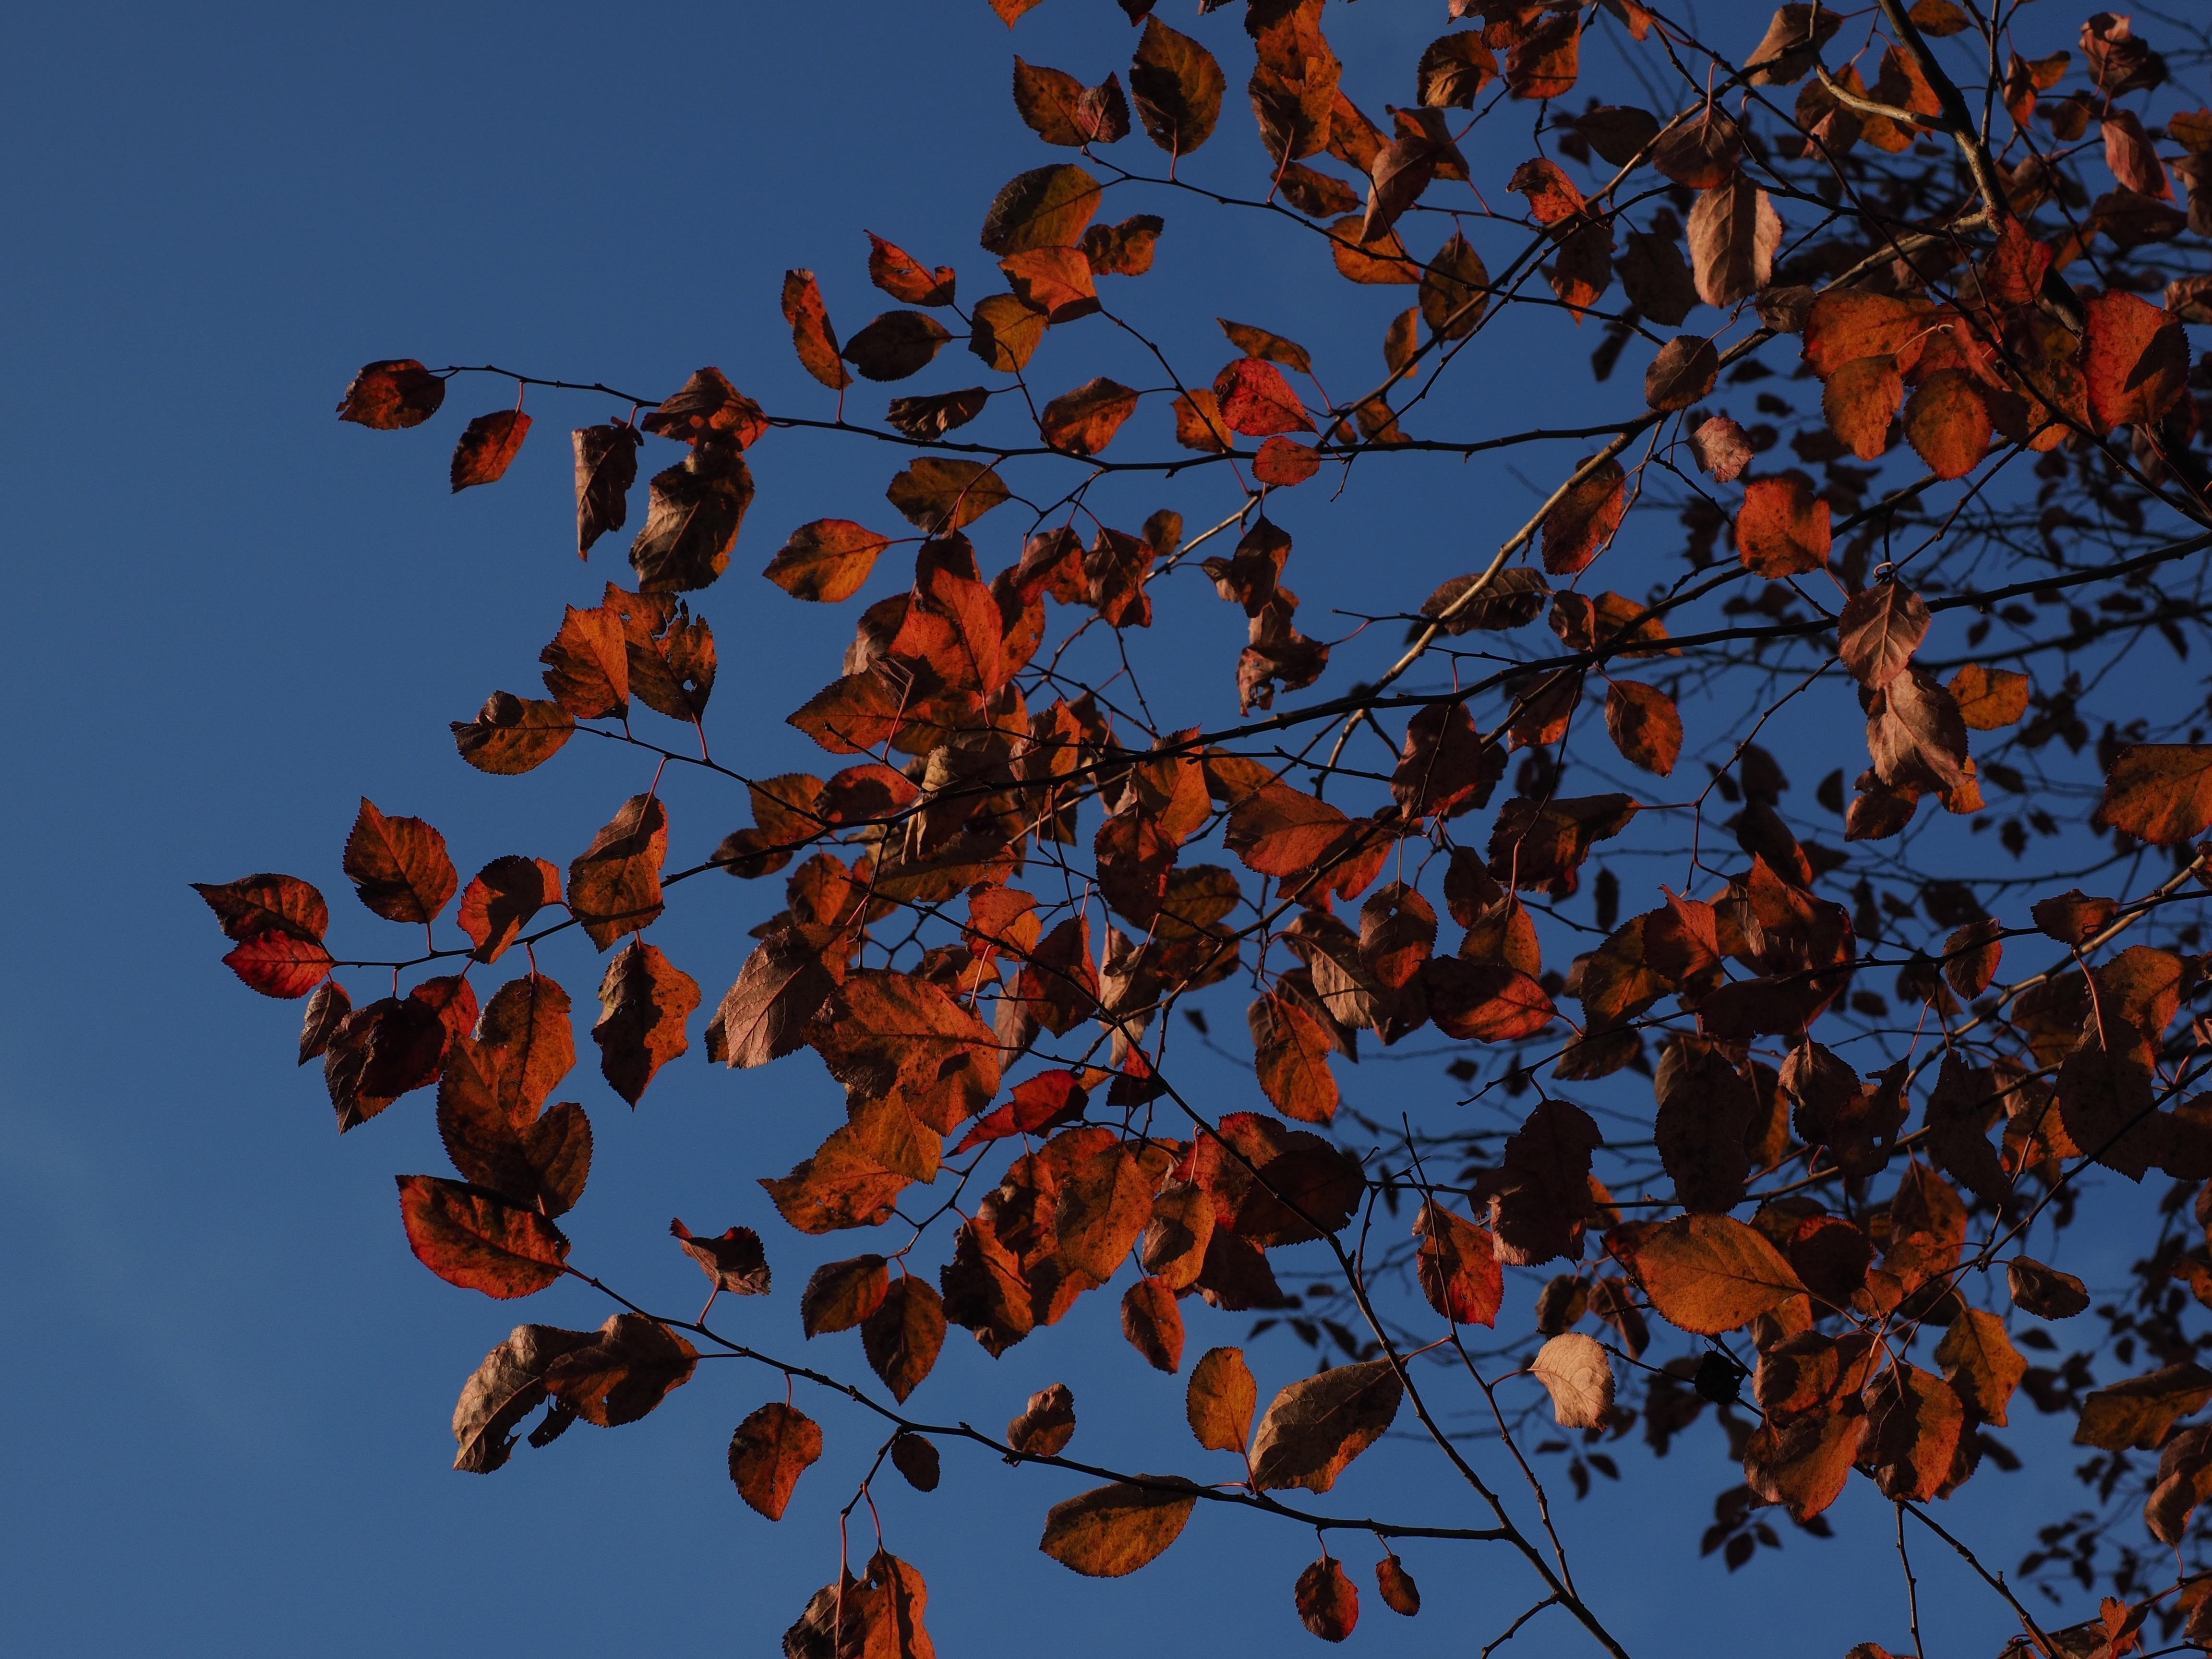 Free Fotobanka Priroda Vetev Rostlina Nebe Slunecnim Svetlem